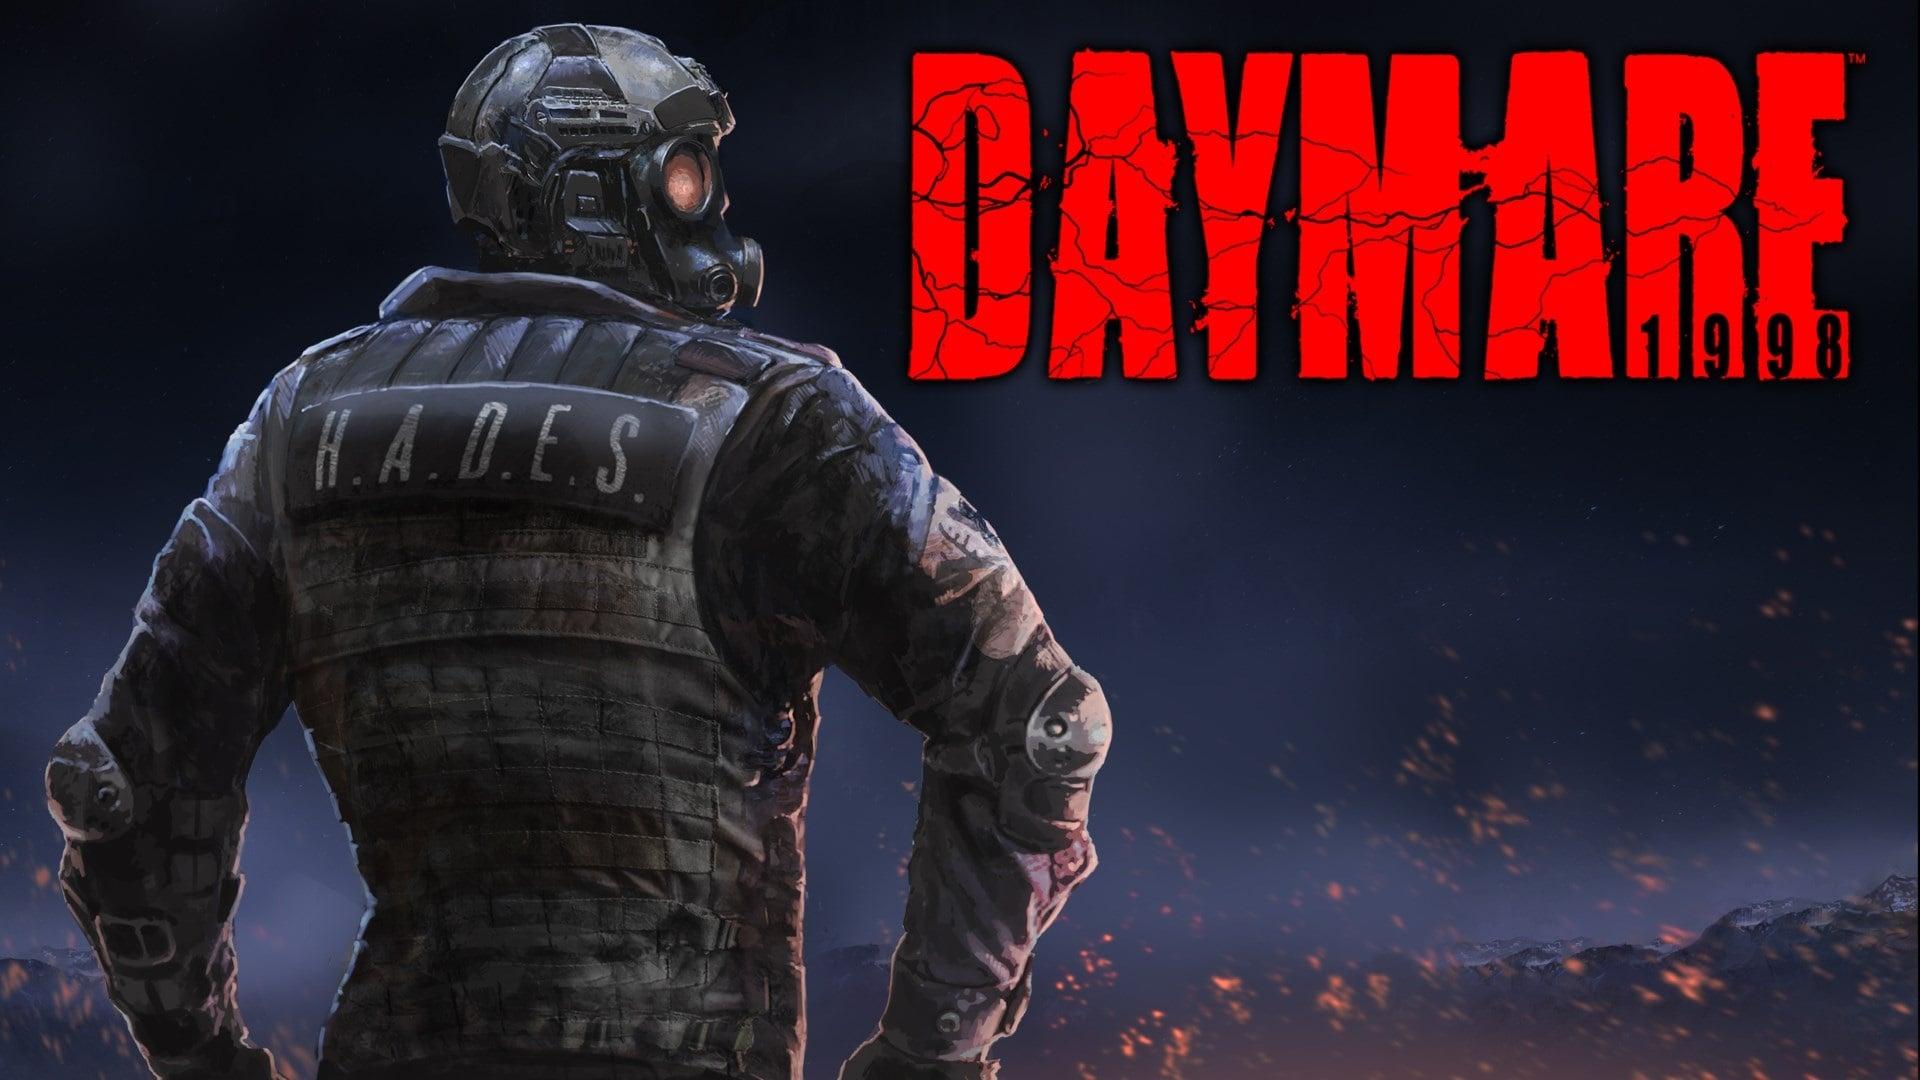 """Test : """"Daymare 1998"""" (Invader Studios), la nostalgie suffit-elle à satisfaire pleinement ?"""